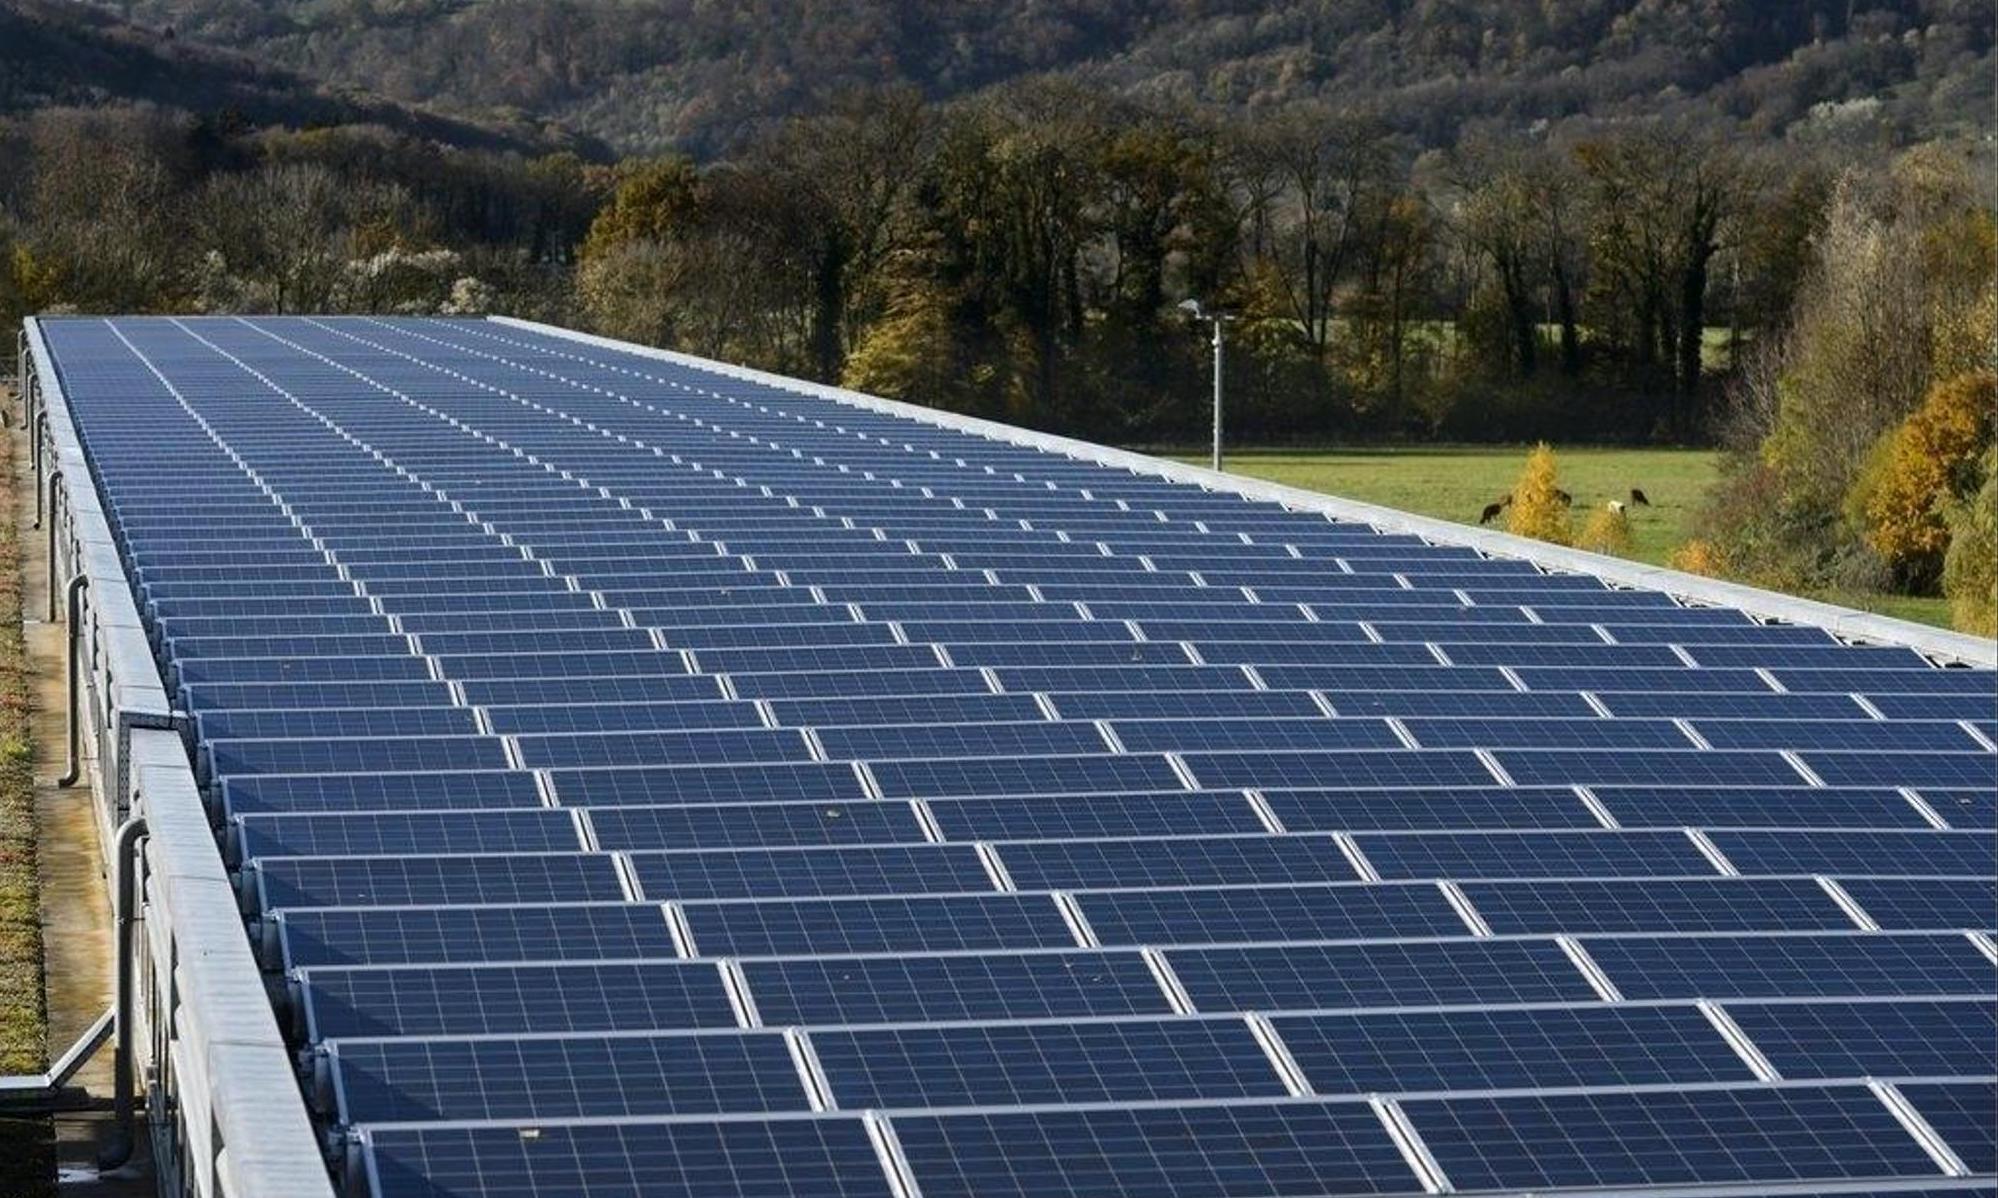 Les installations solaires ne produisent aucune émission polluante pendant leur fonctionnement. Au contraire, l'électricité solaire peut, par exemple, réduire les importations d'électricité nuisibles au climat en provenance de l'étranger et contribuer ainsi à la réduction des émissions. Keystone/Laurent Gillieron